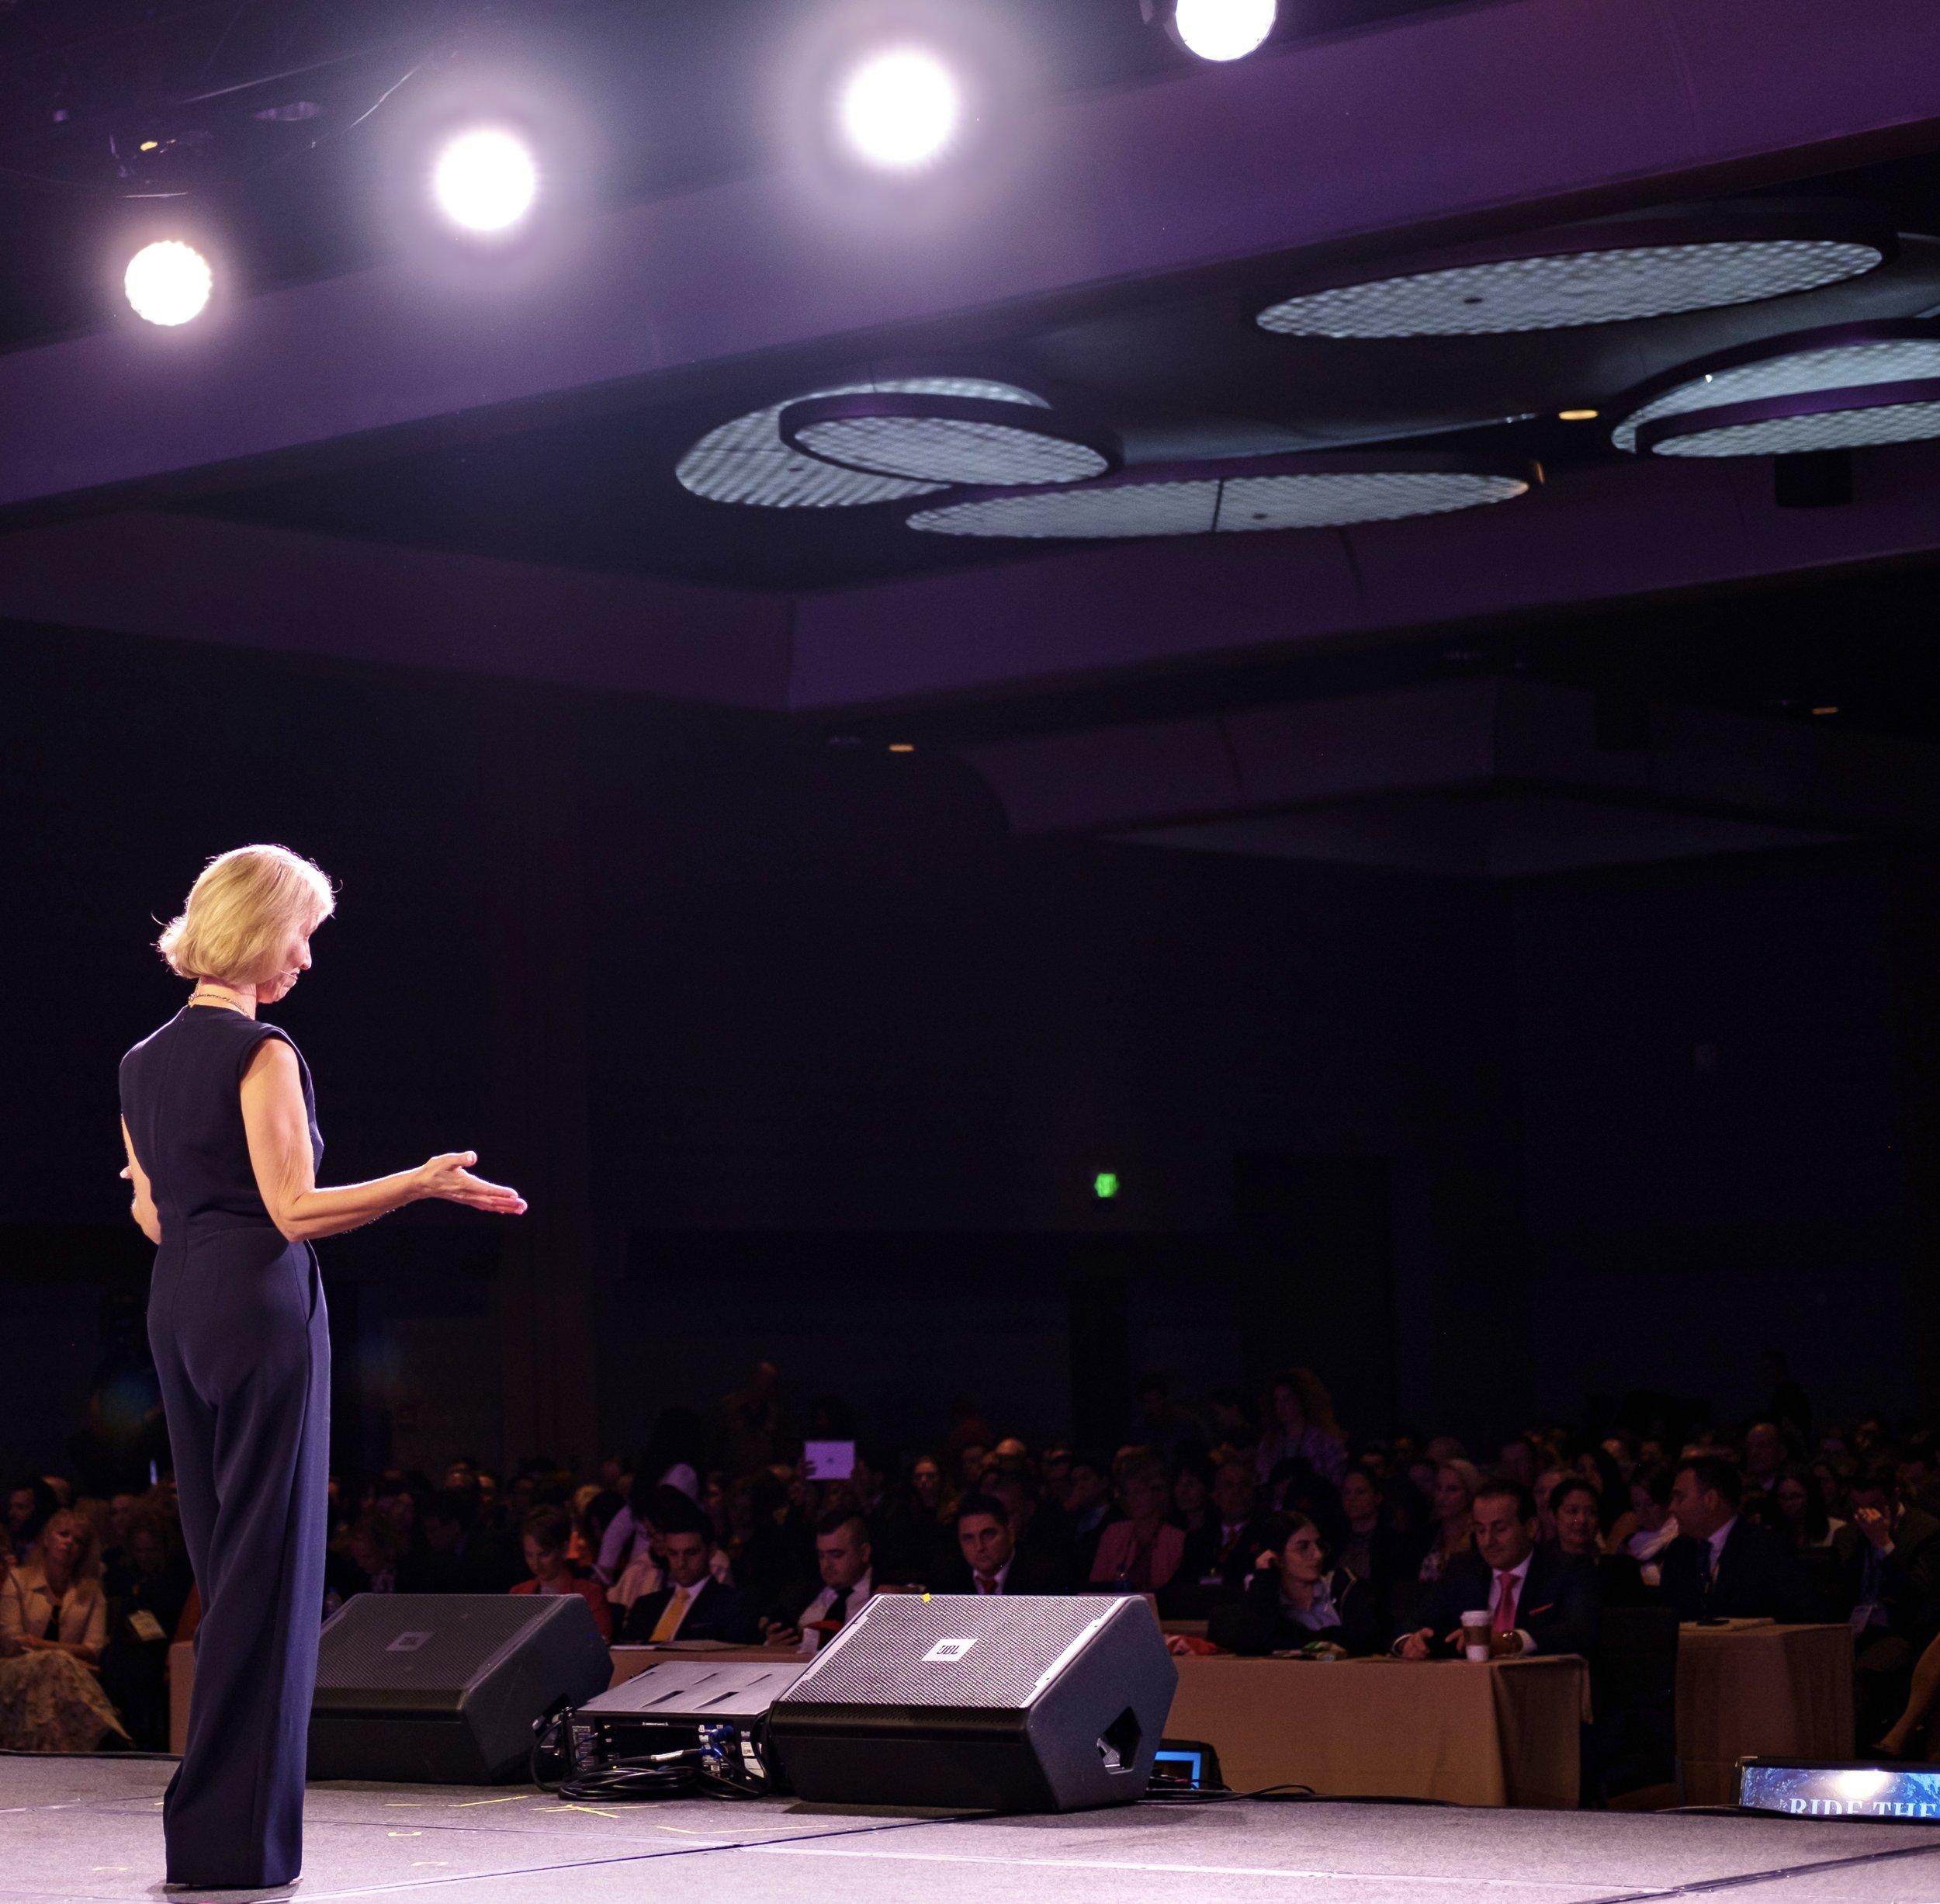 Kirsten Speaking MegaSuccessFromBehind with audience.jpg